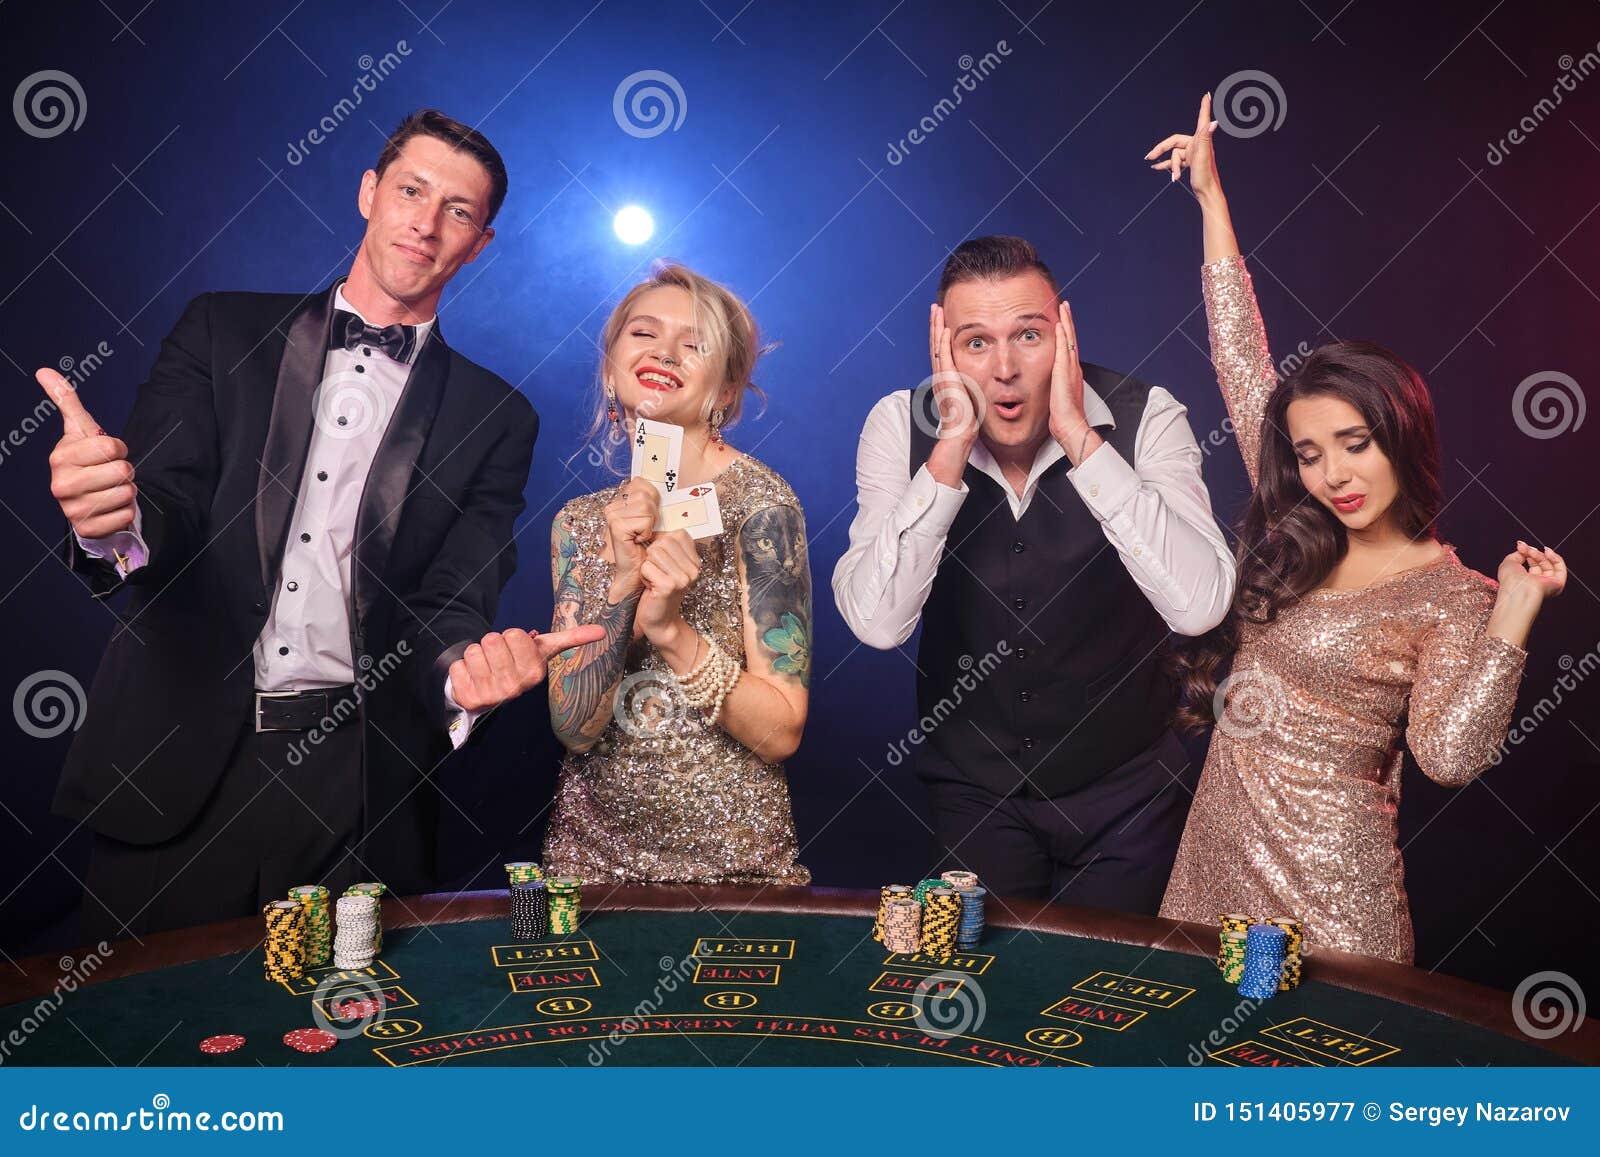 Gruppe von stilvolle reiche Freunde spielen Schürhaken am Kasino